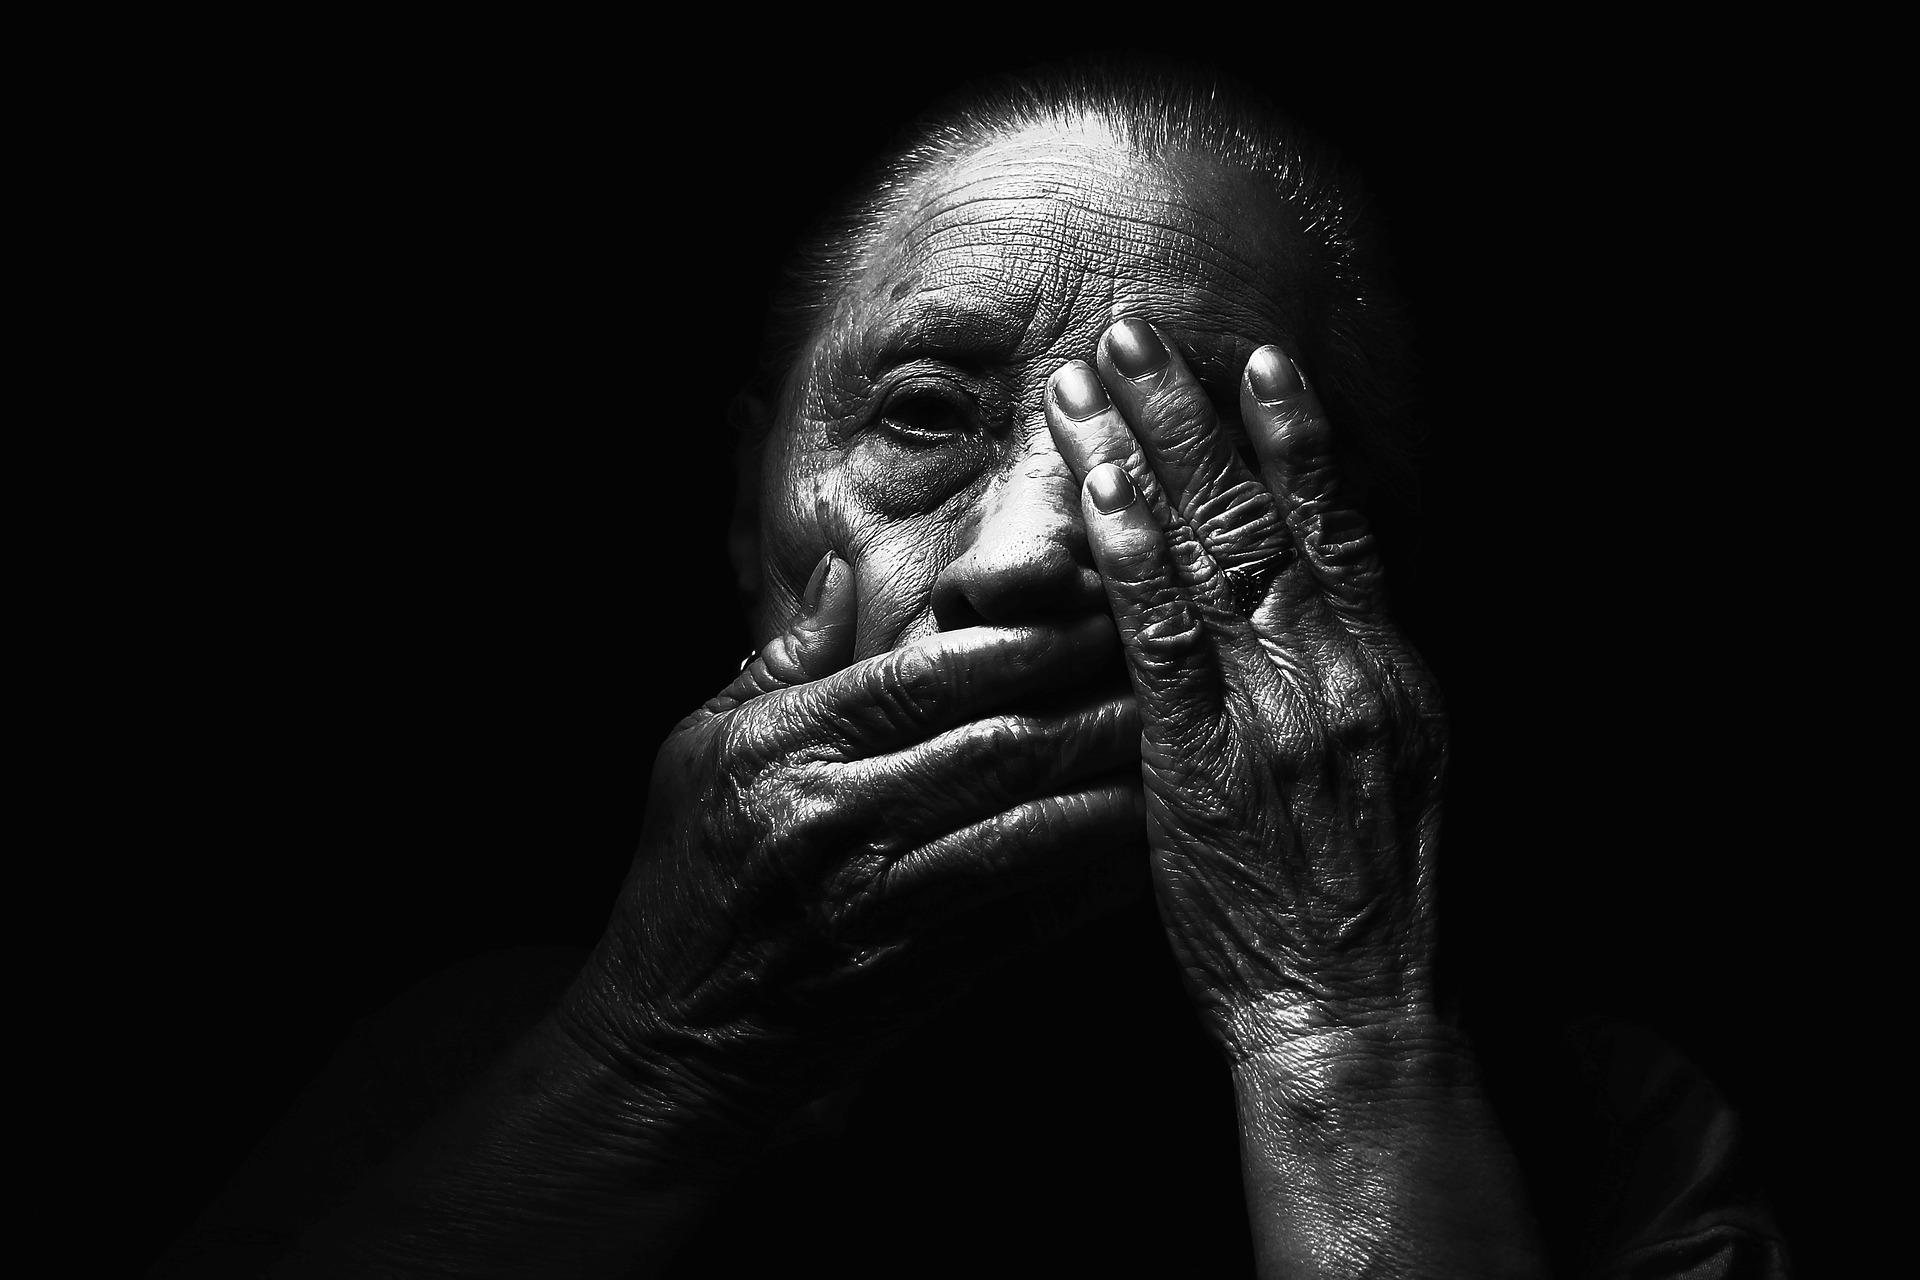 Objetivando o período em que a humanidade está passando em razão da pandemia da Covid-19, houve um aumento significante nos casos de violência patrimonial do idoso (disque denúncia 100 – dados do Ministério da Mulher, da Família e dos Direitos Humanos), sendo o percentual de crescimento em 2019 de 19% e no ano de 2020 o aumento foi ainda maior.